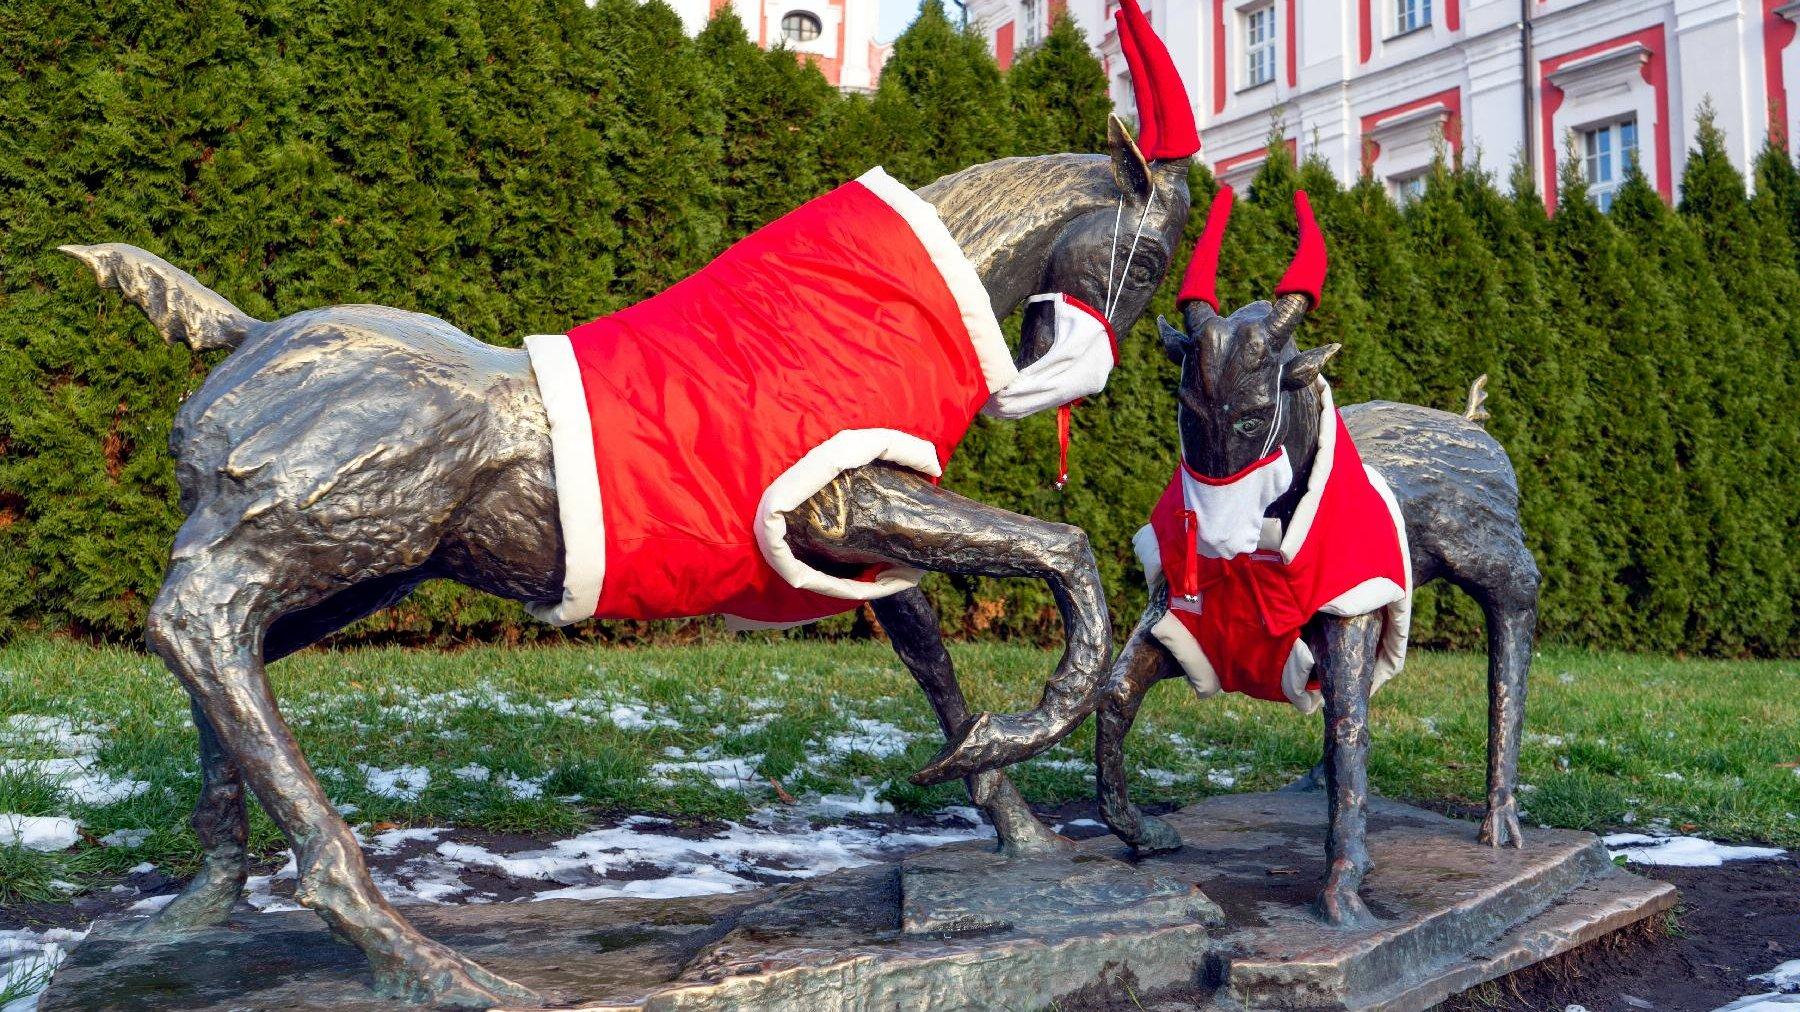 Zdjęcie przedstawia rzeźbę koziołków w świątecznych mikołajkowych strojach i maseczkach. - grafika artykułu